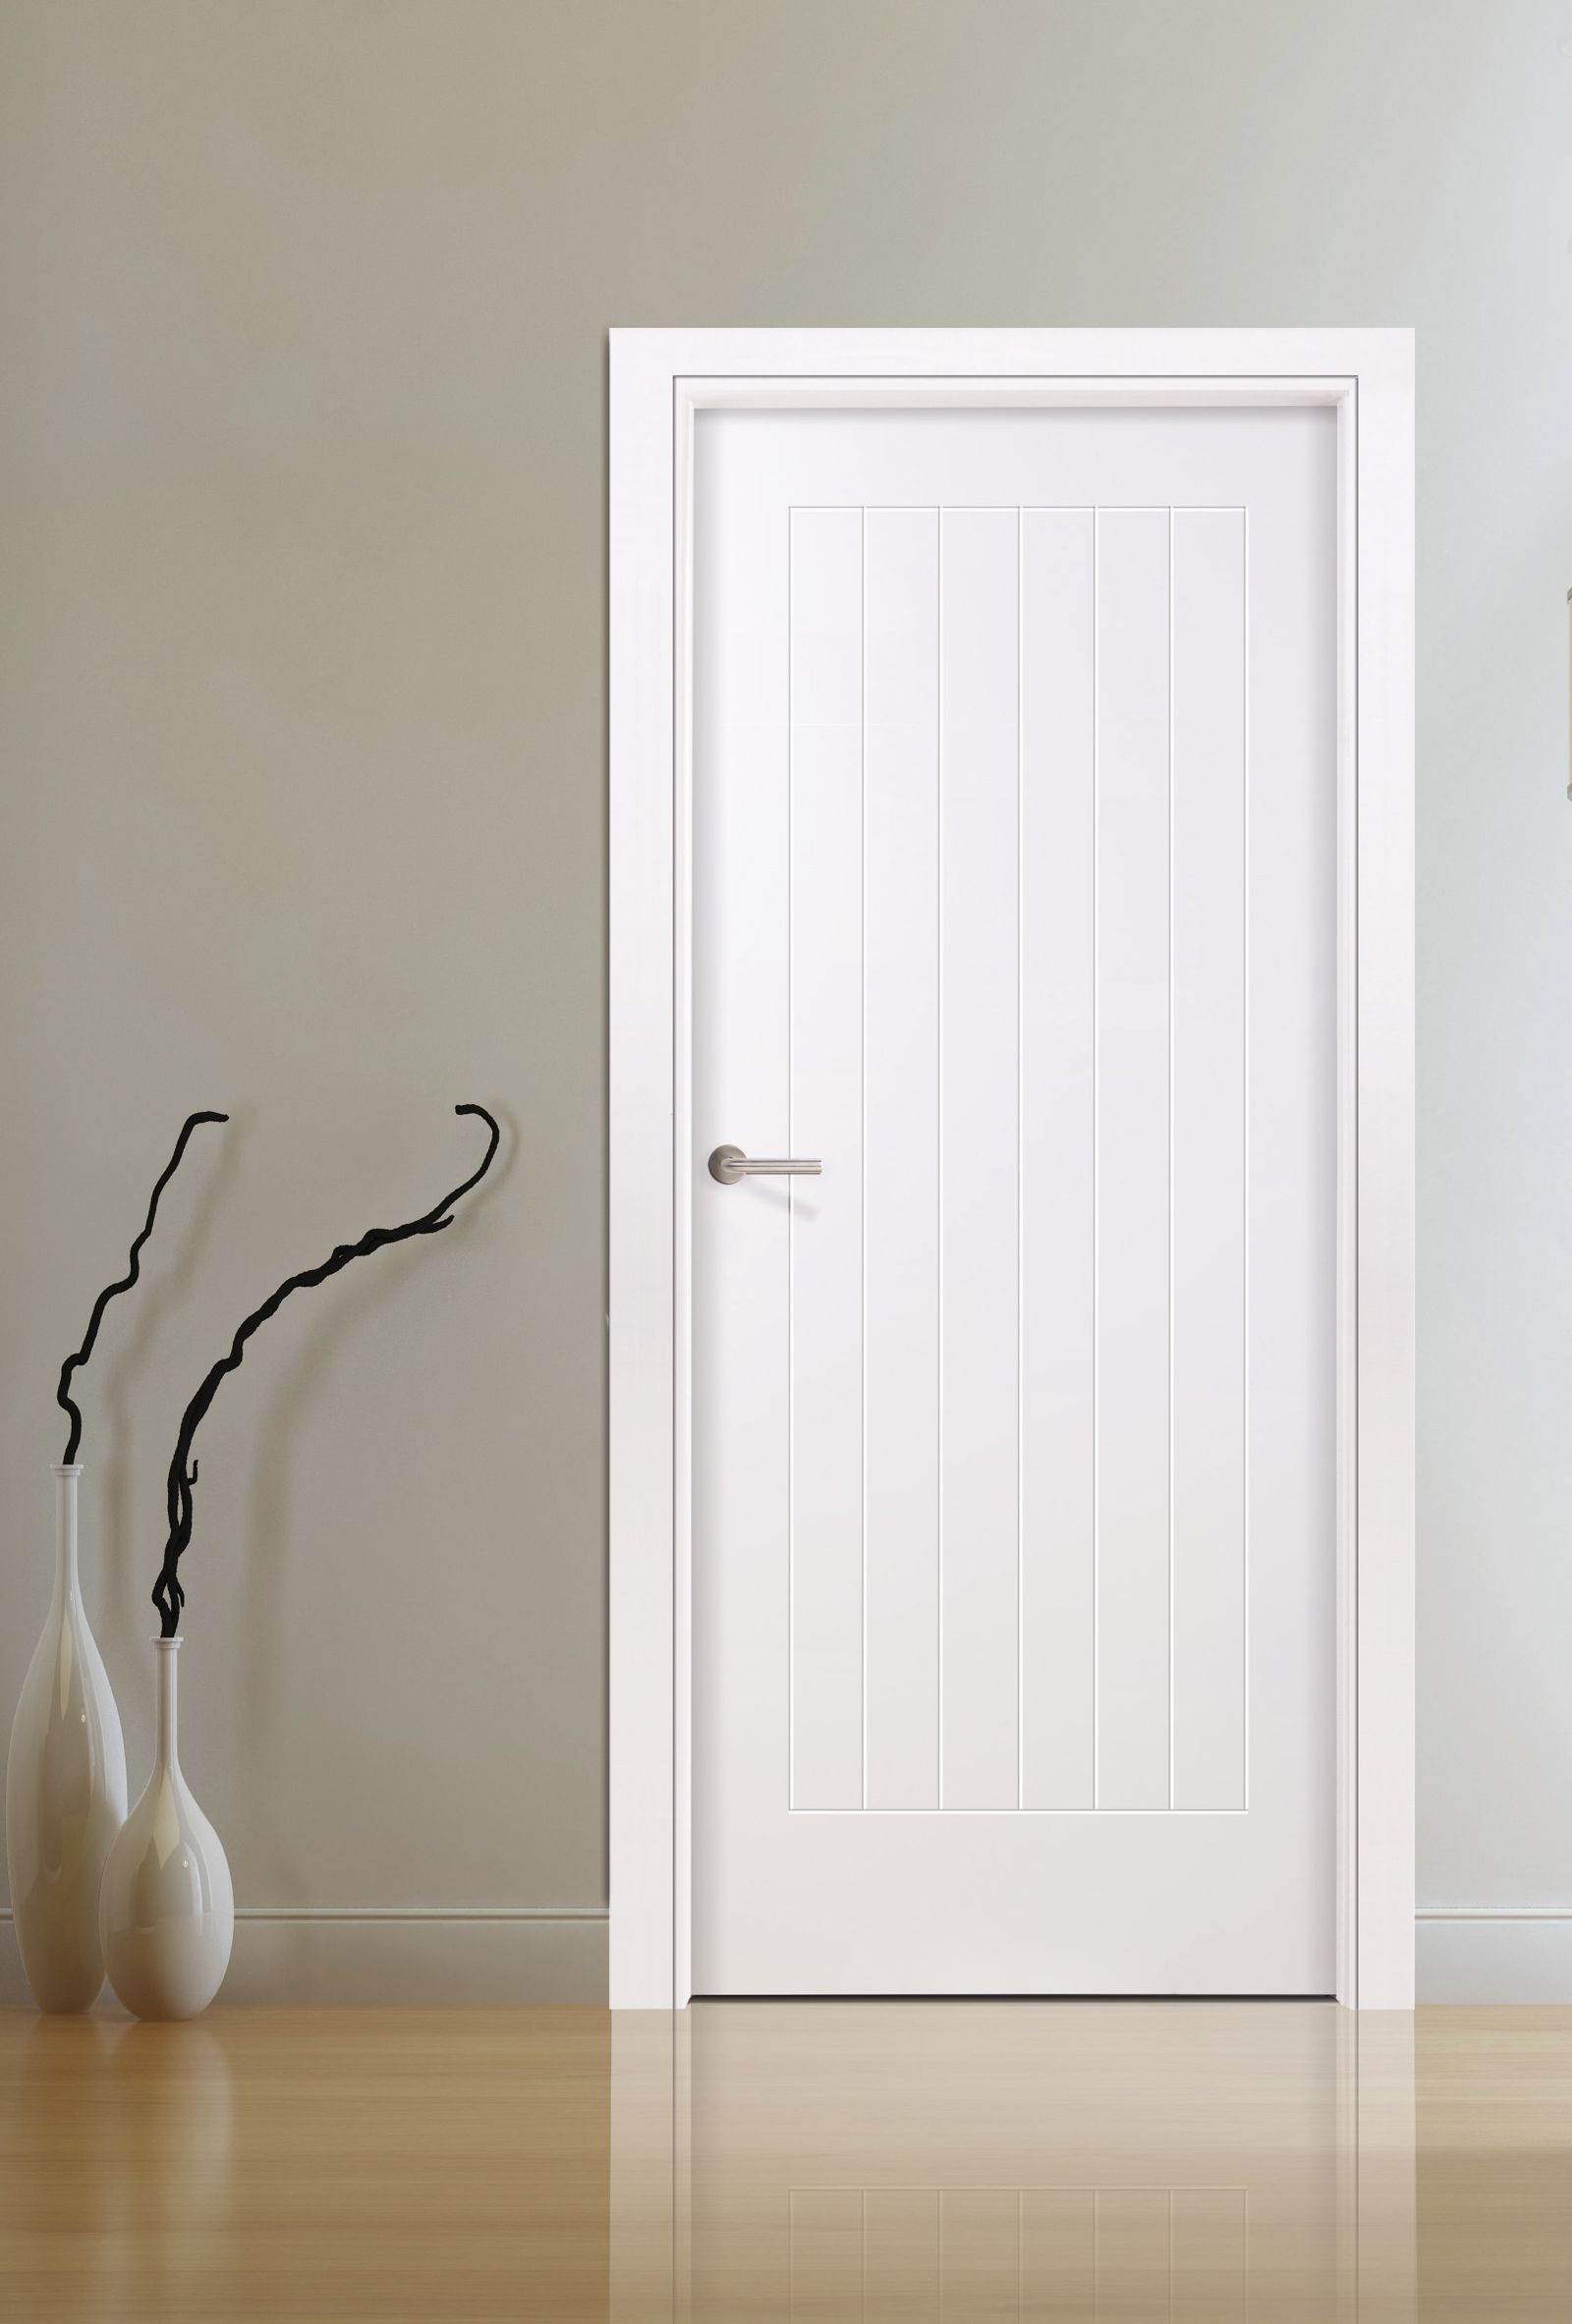 puertas lacadas en las rozas - puertaslacadas.es